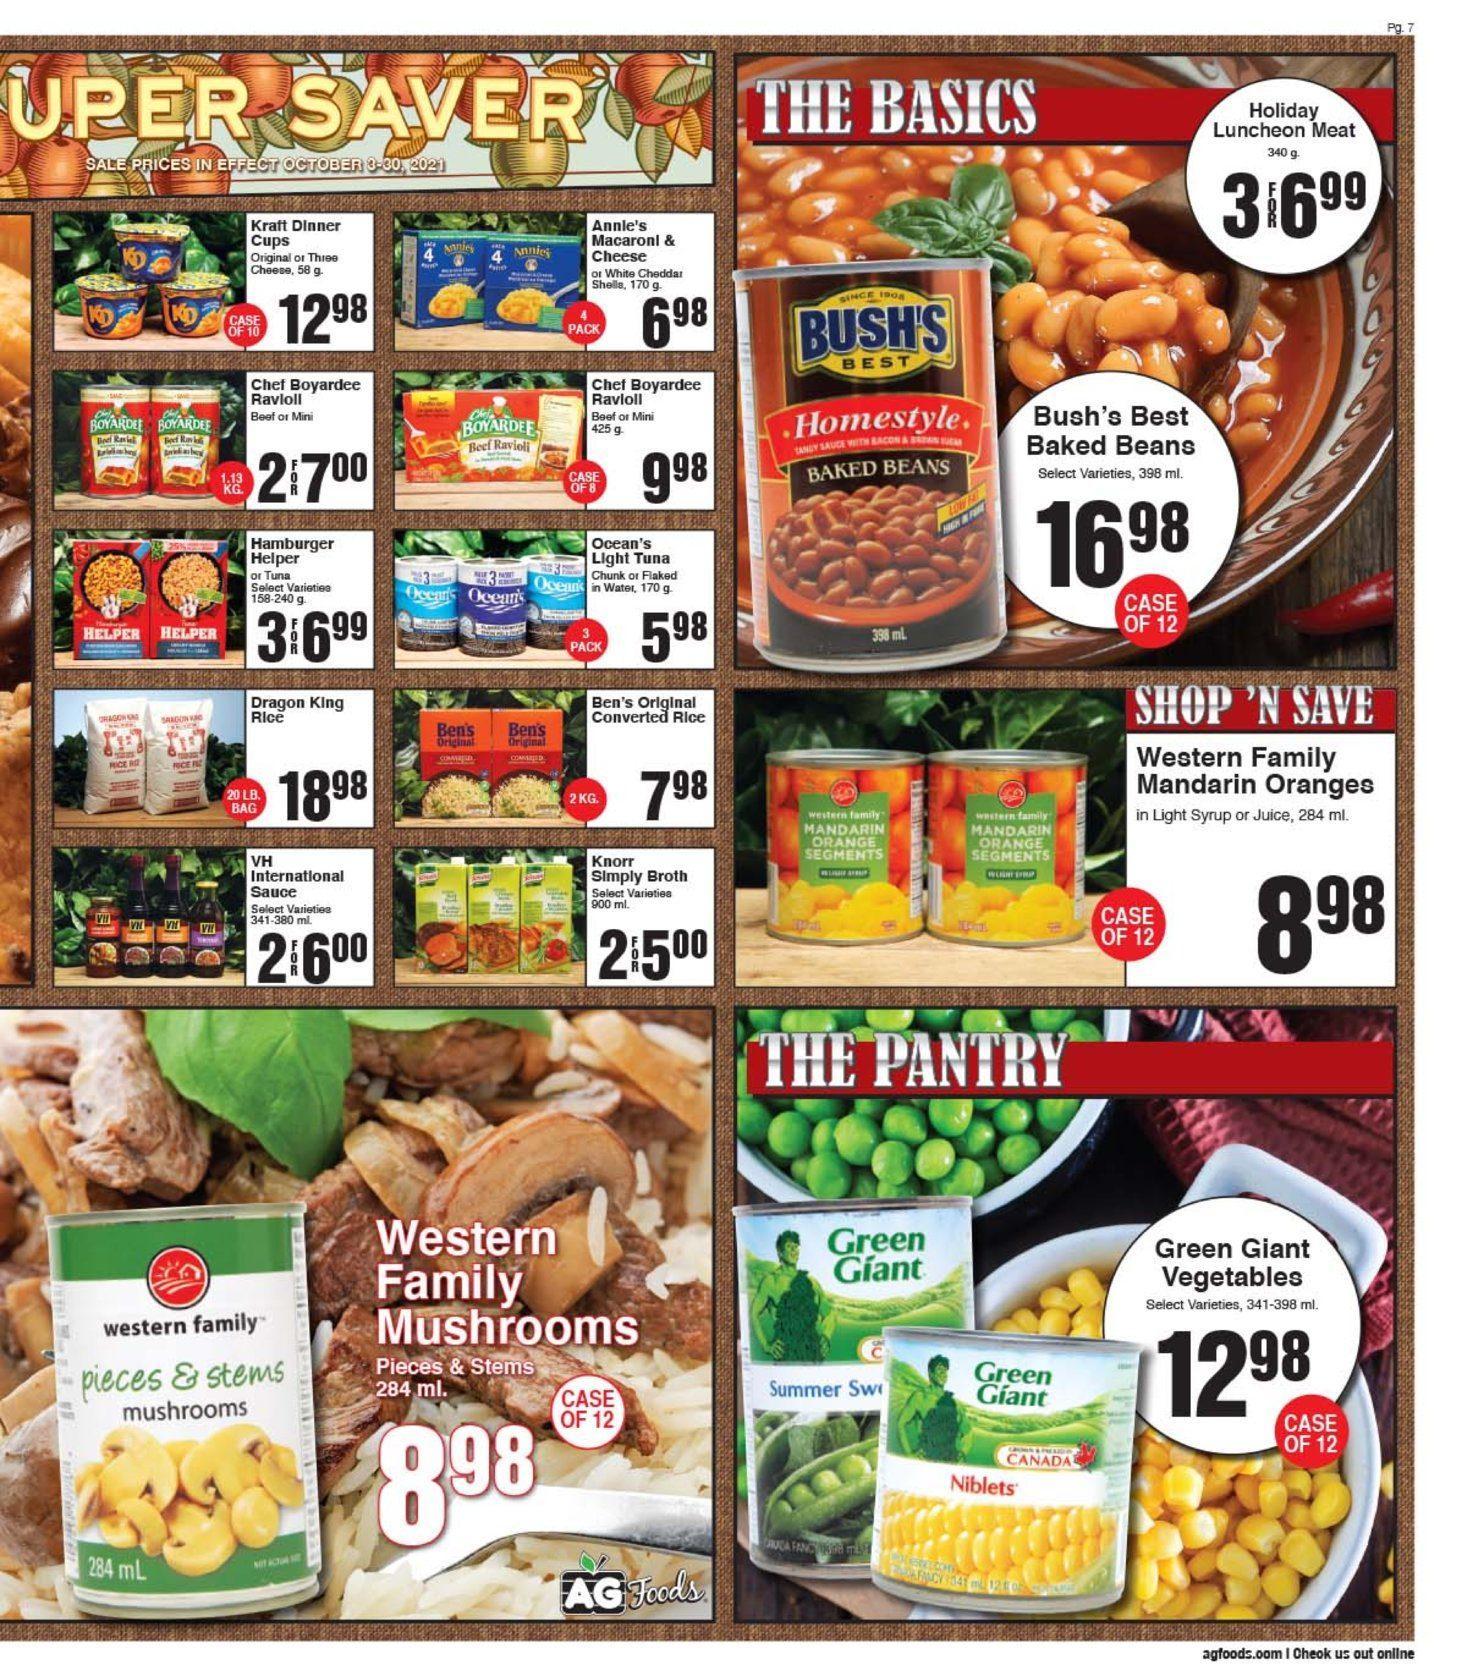 AG Foods - 2 Weeks of Savings - Page 7